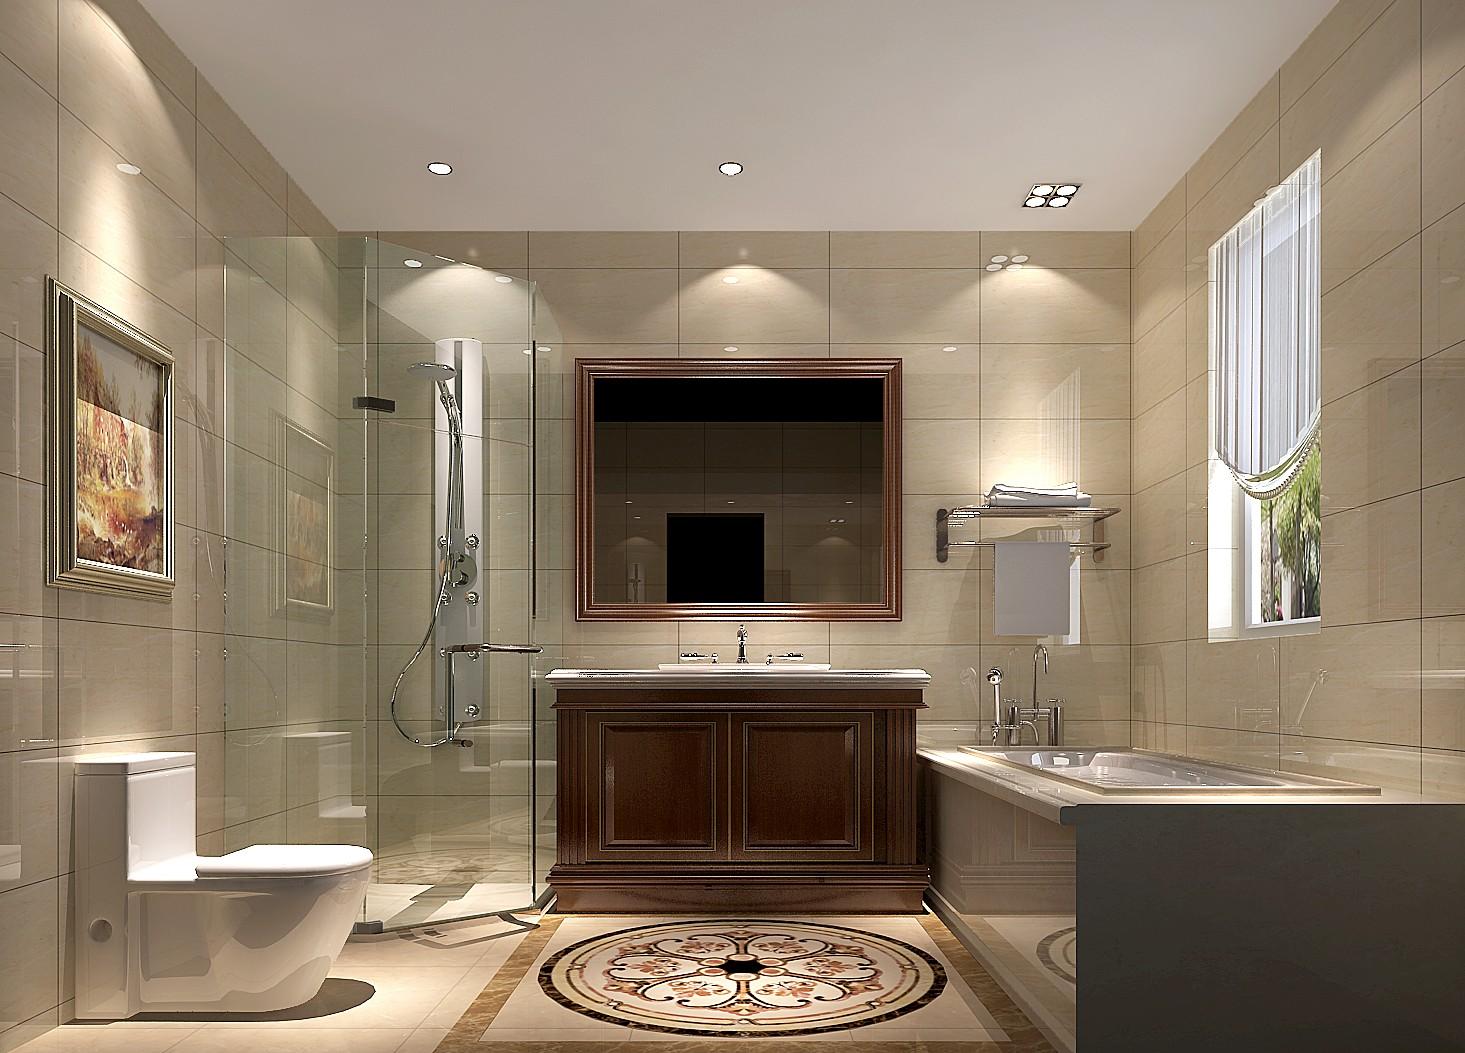 高度国际 潮白孔雀城 简约 别墅 卫生间图片来自高度国际在轻装修,重装饰,你也喜欢吗?的分享